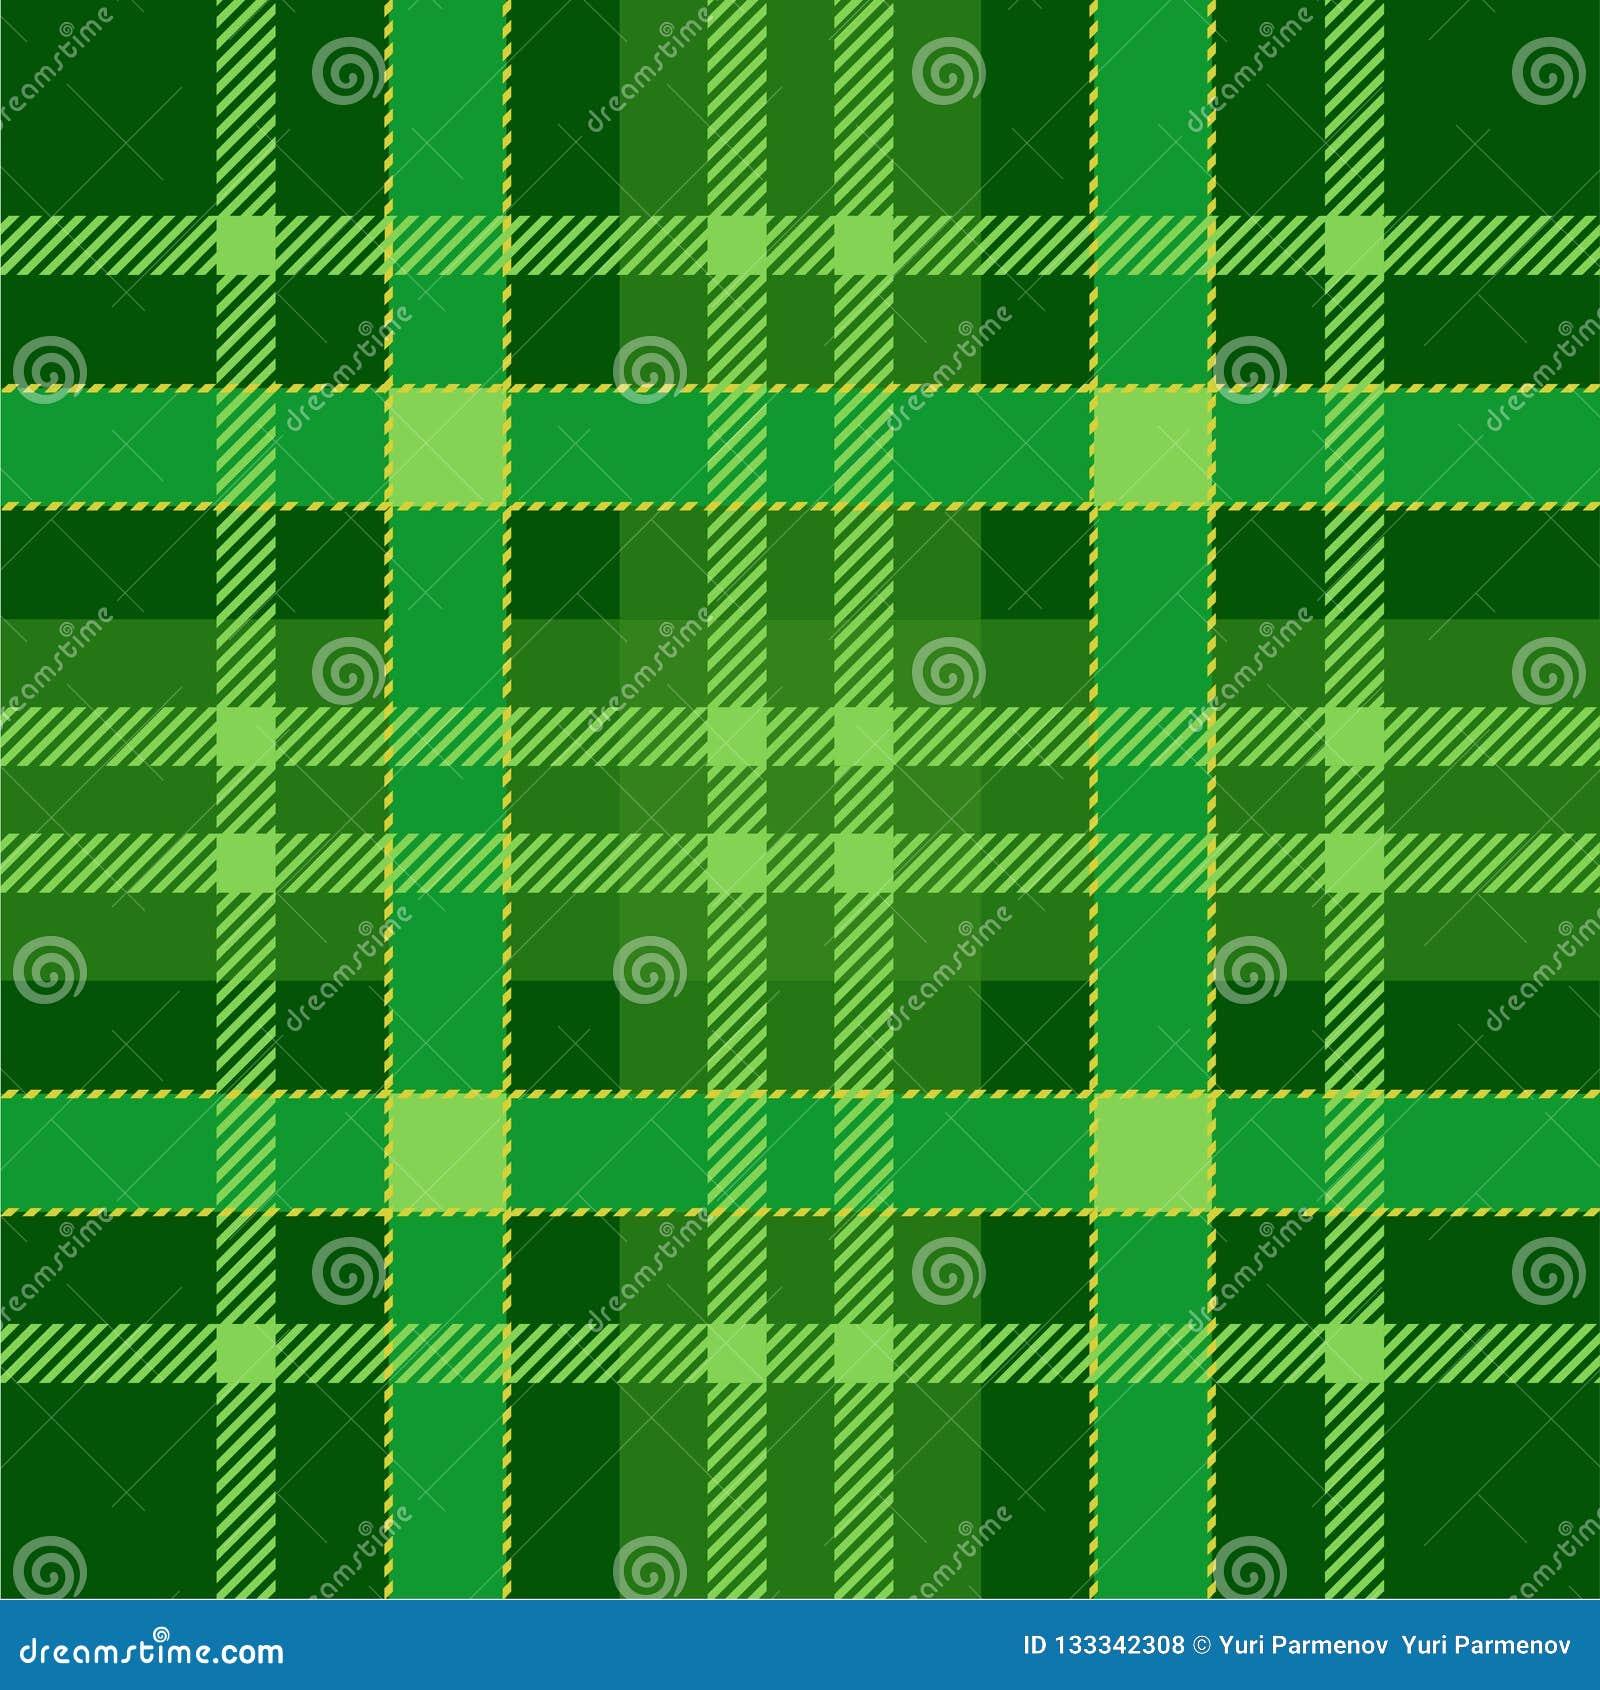 格子花呢披肩格子呢无缝的样式背景 绿色传统苏格兰装饰品 无缝的格子呢瓦片